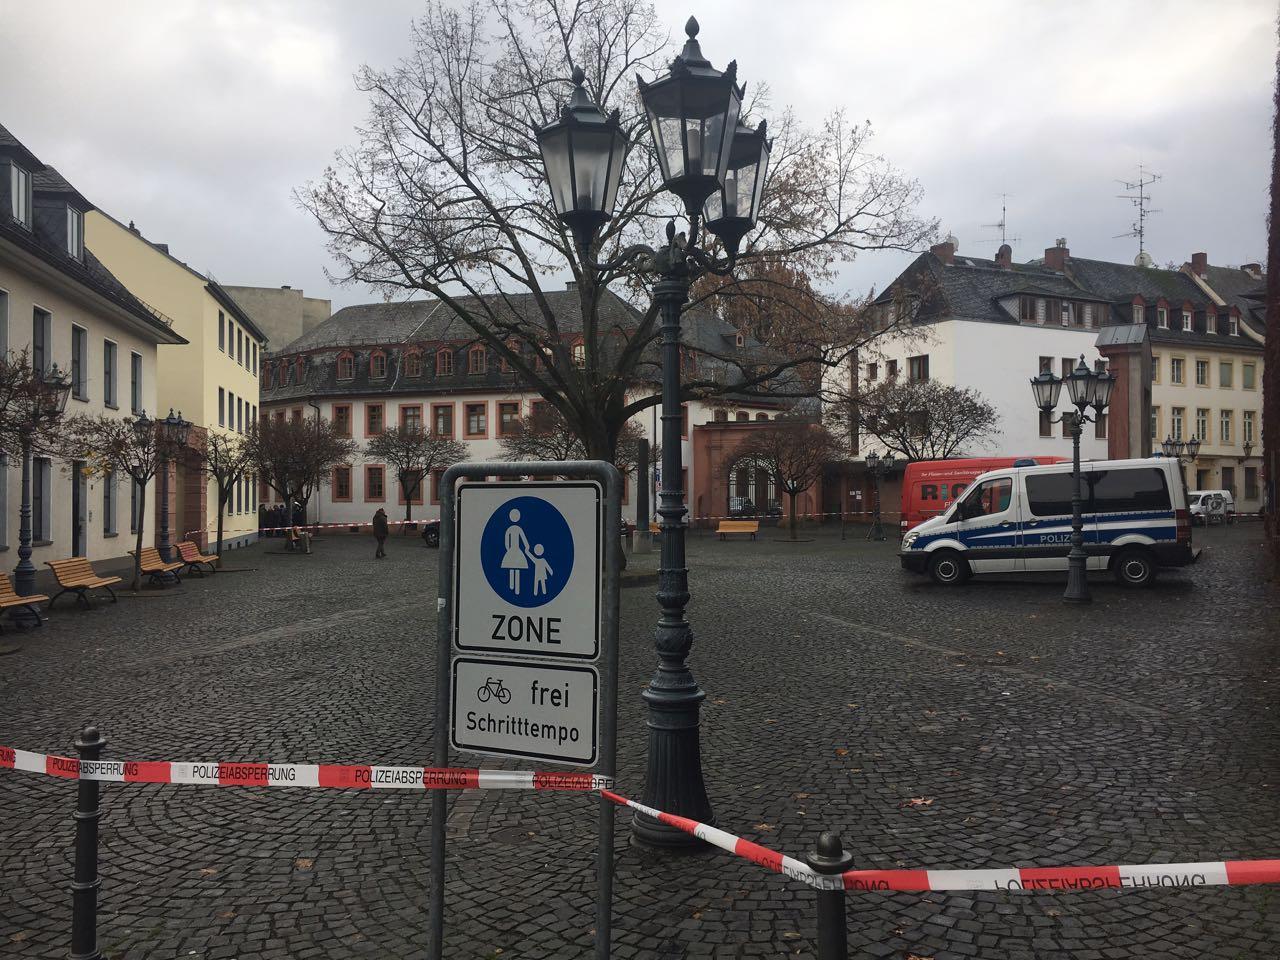 Mainz - Keine Gefahr für Bevölkerung, Polizei beendet Einsatz in der Heiliggrabgasse